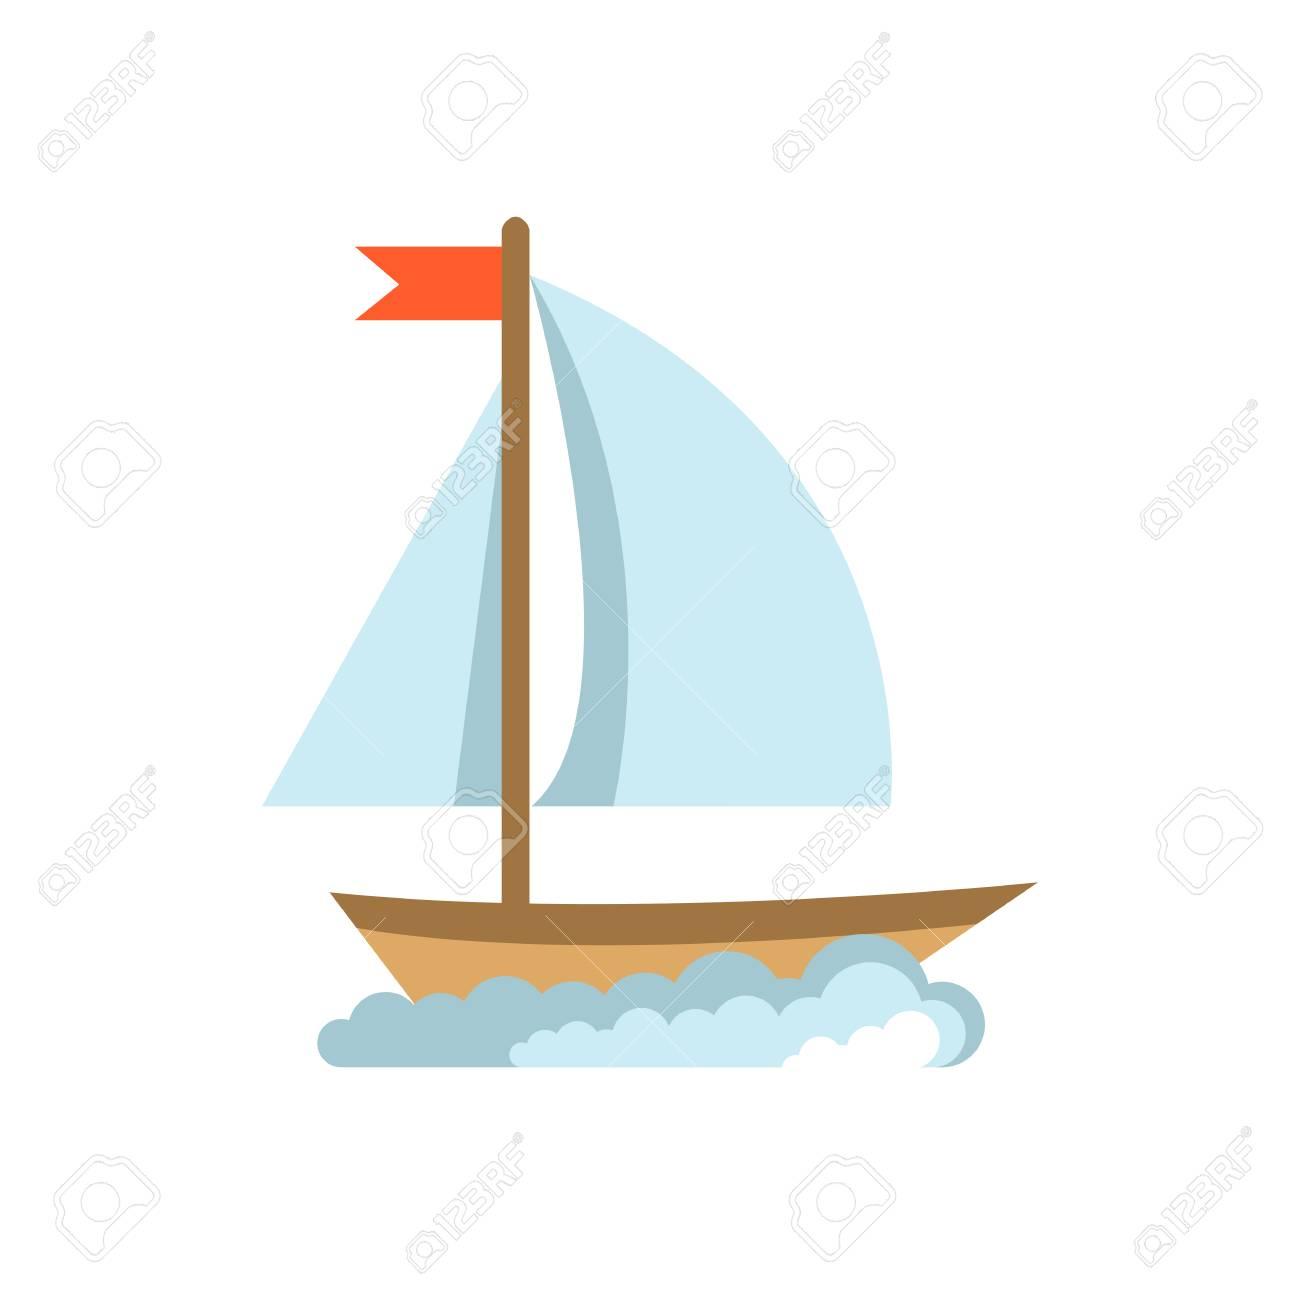 Sailing yacht flat icon. Boat isolated on white background - 77408916